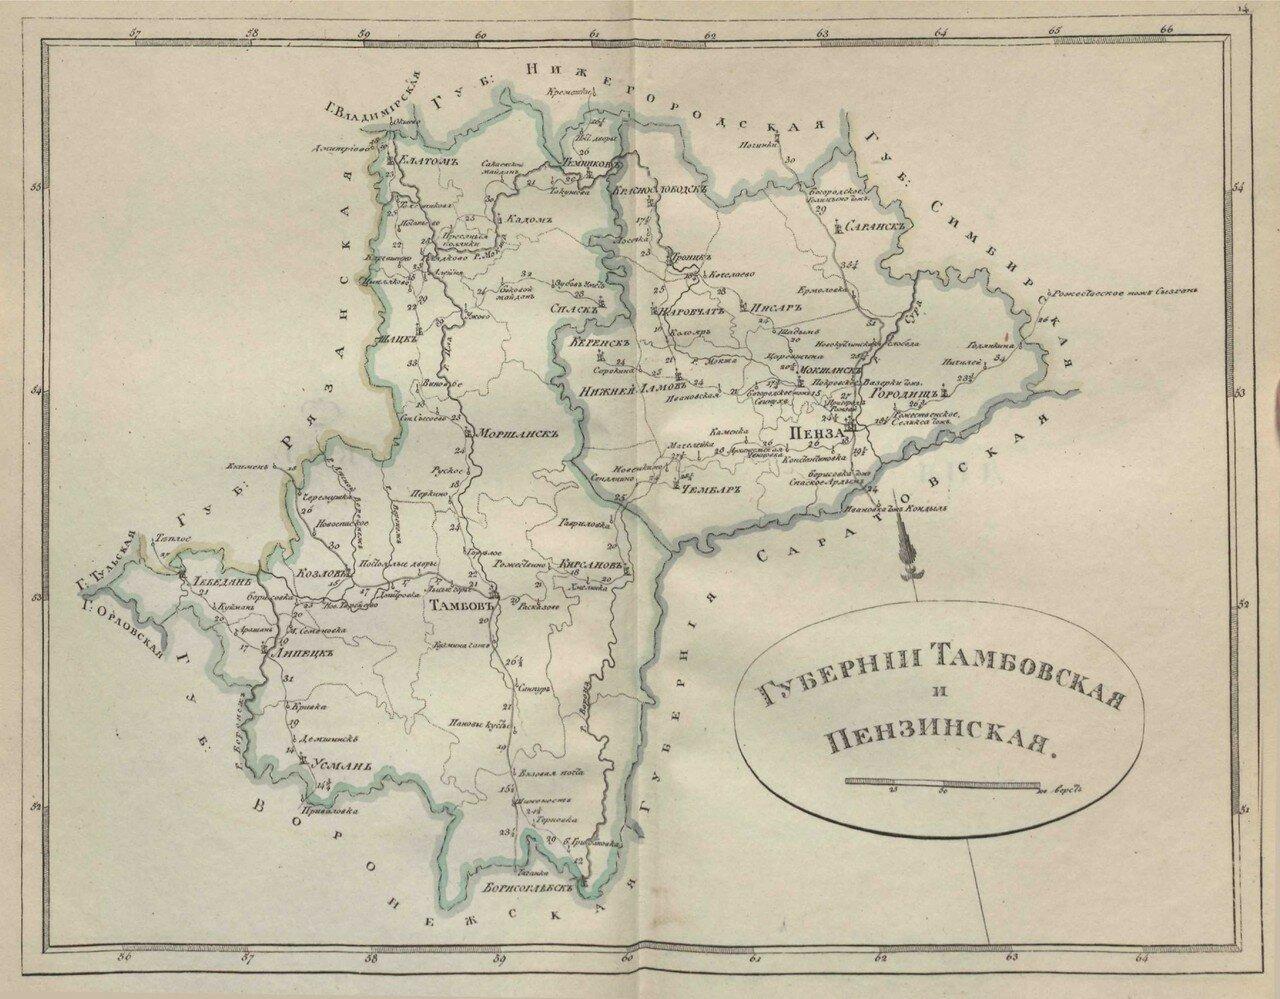 15. Тамбовская и Пензенская губернии